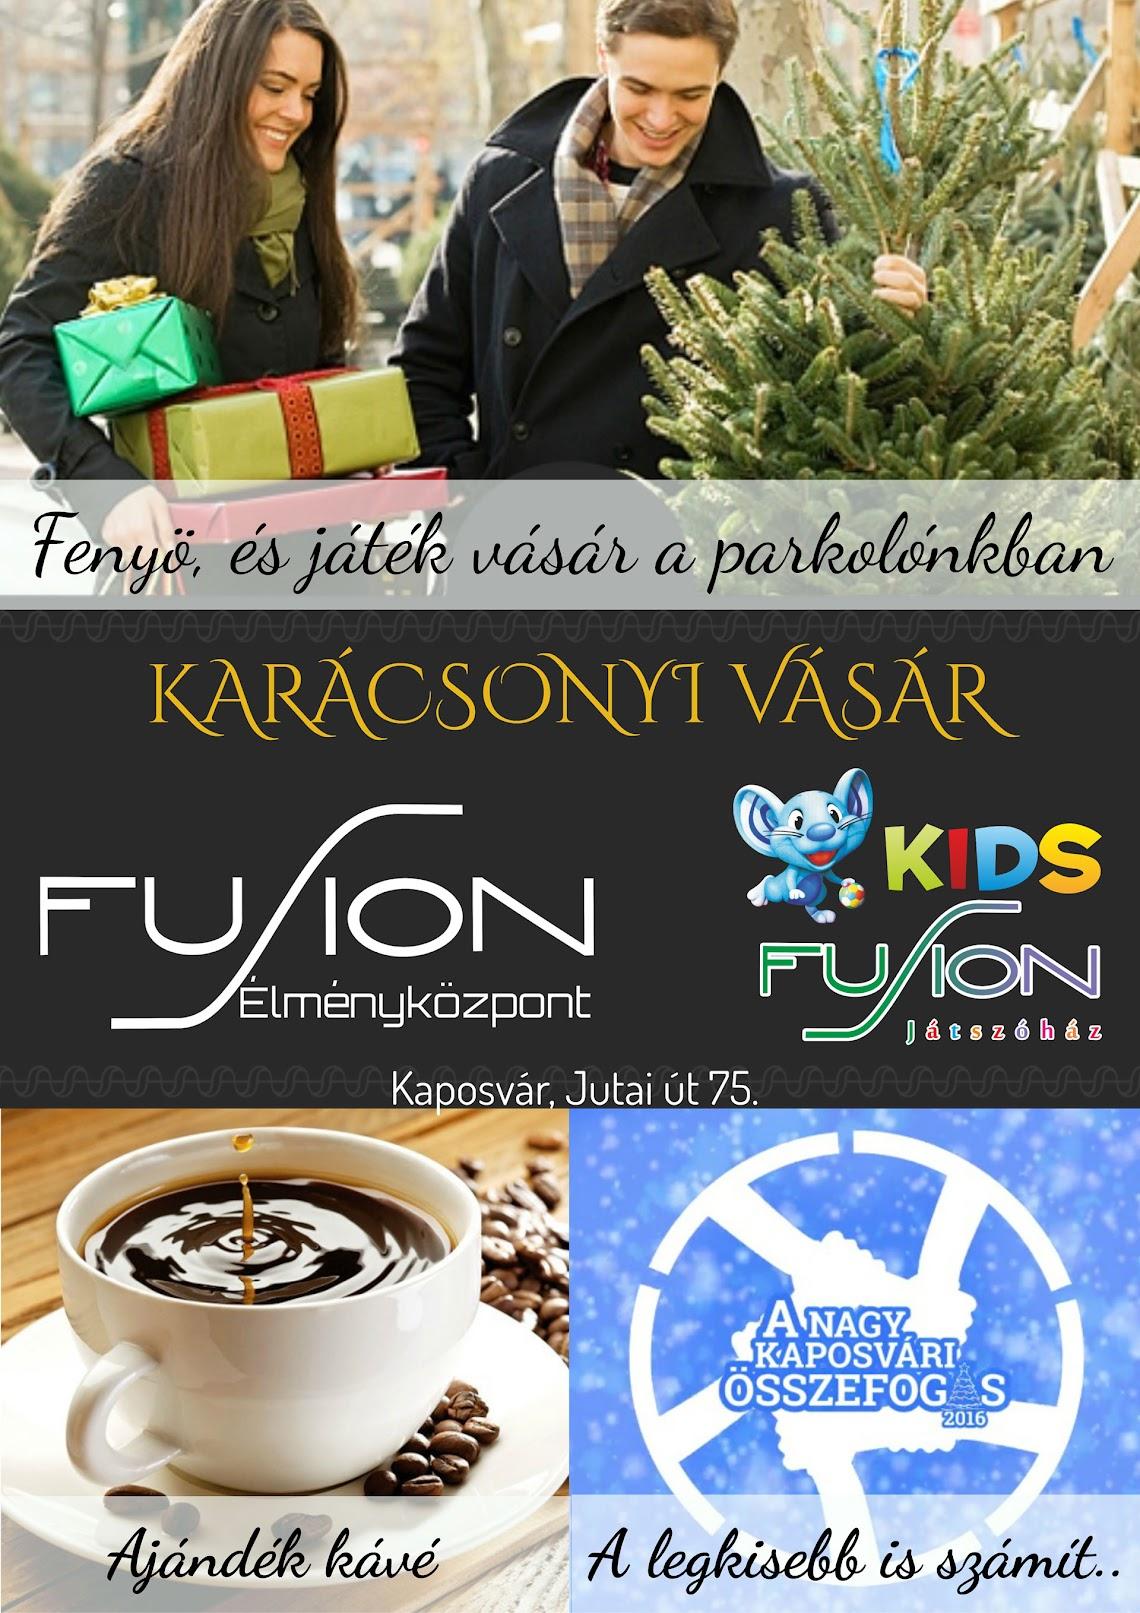 Fenyő és ajándék vásárlás ajándék kávéval - Adománygyűjtés Kaposvár 2016